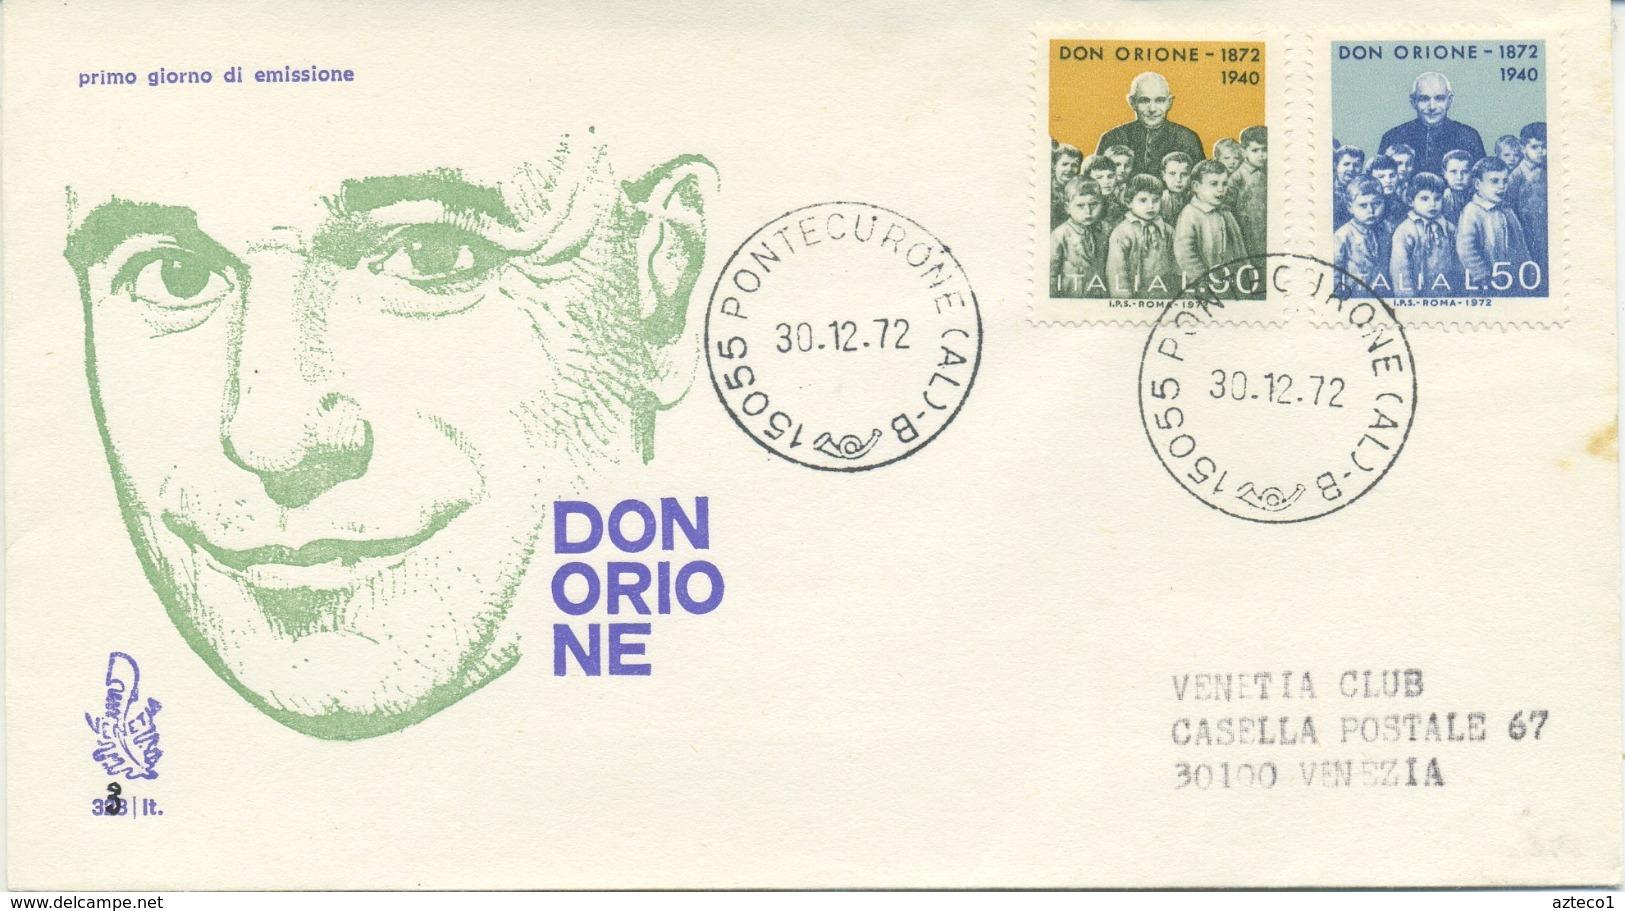 ITALIA - FDC VENETIA 1972 - DON LUIGI ORIONE - VIAGGIATA PER VENEZIA - F.D.C.